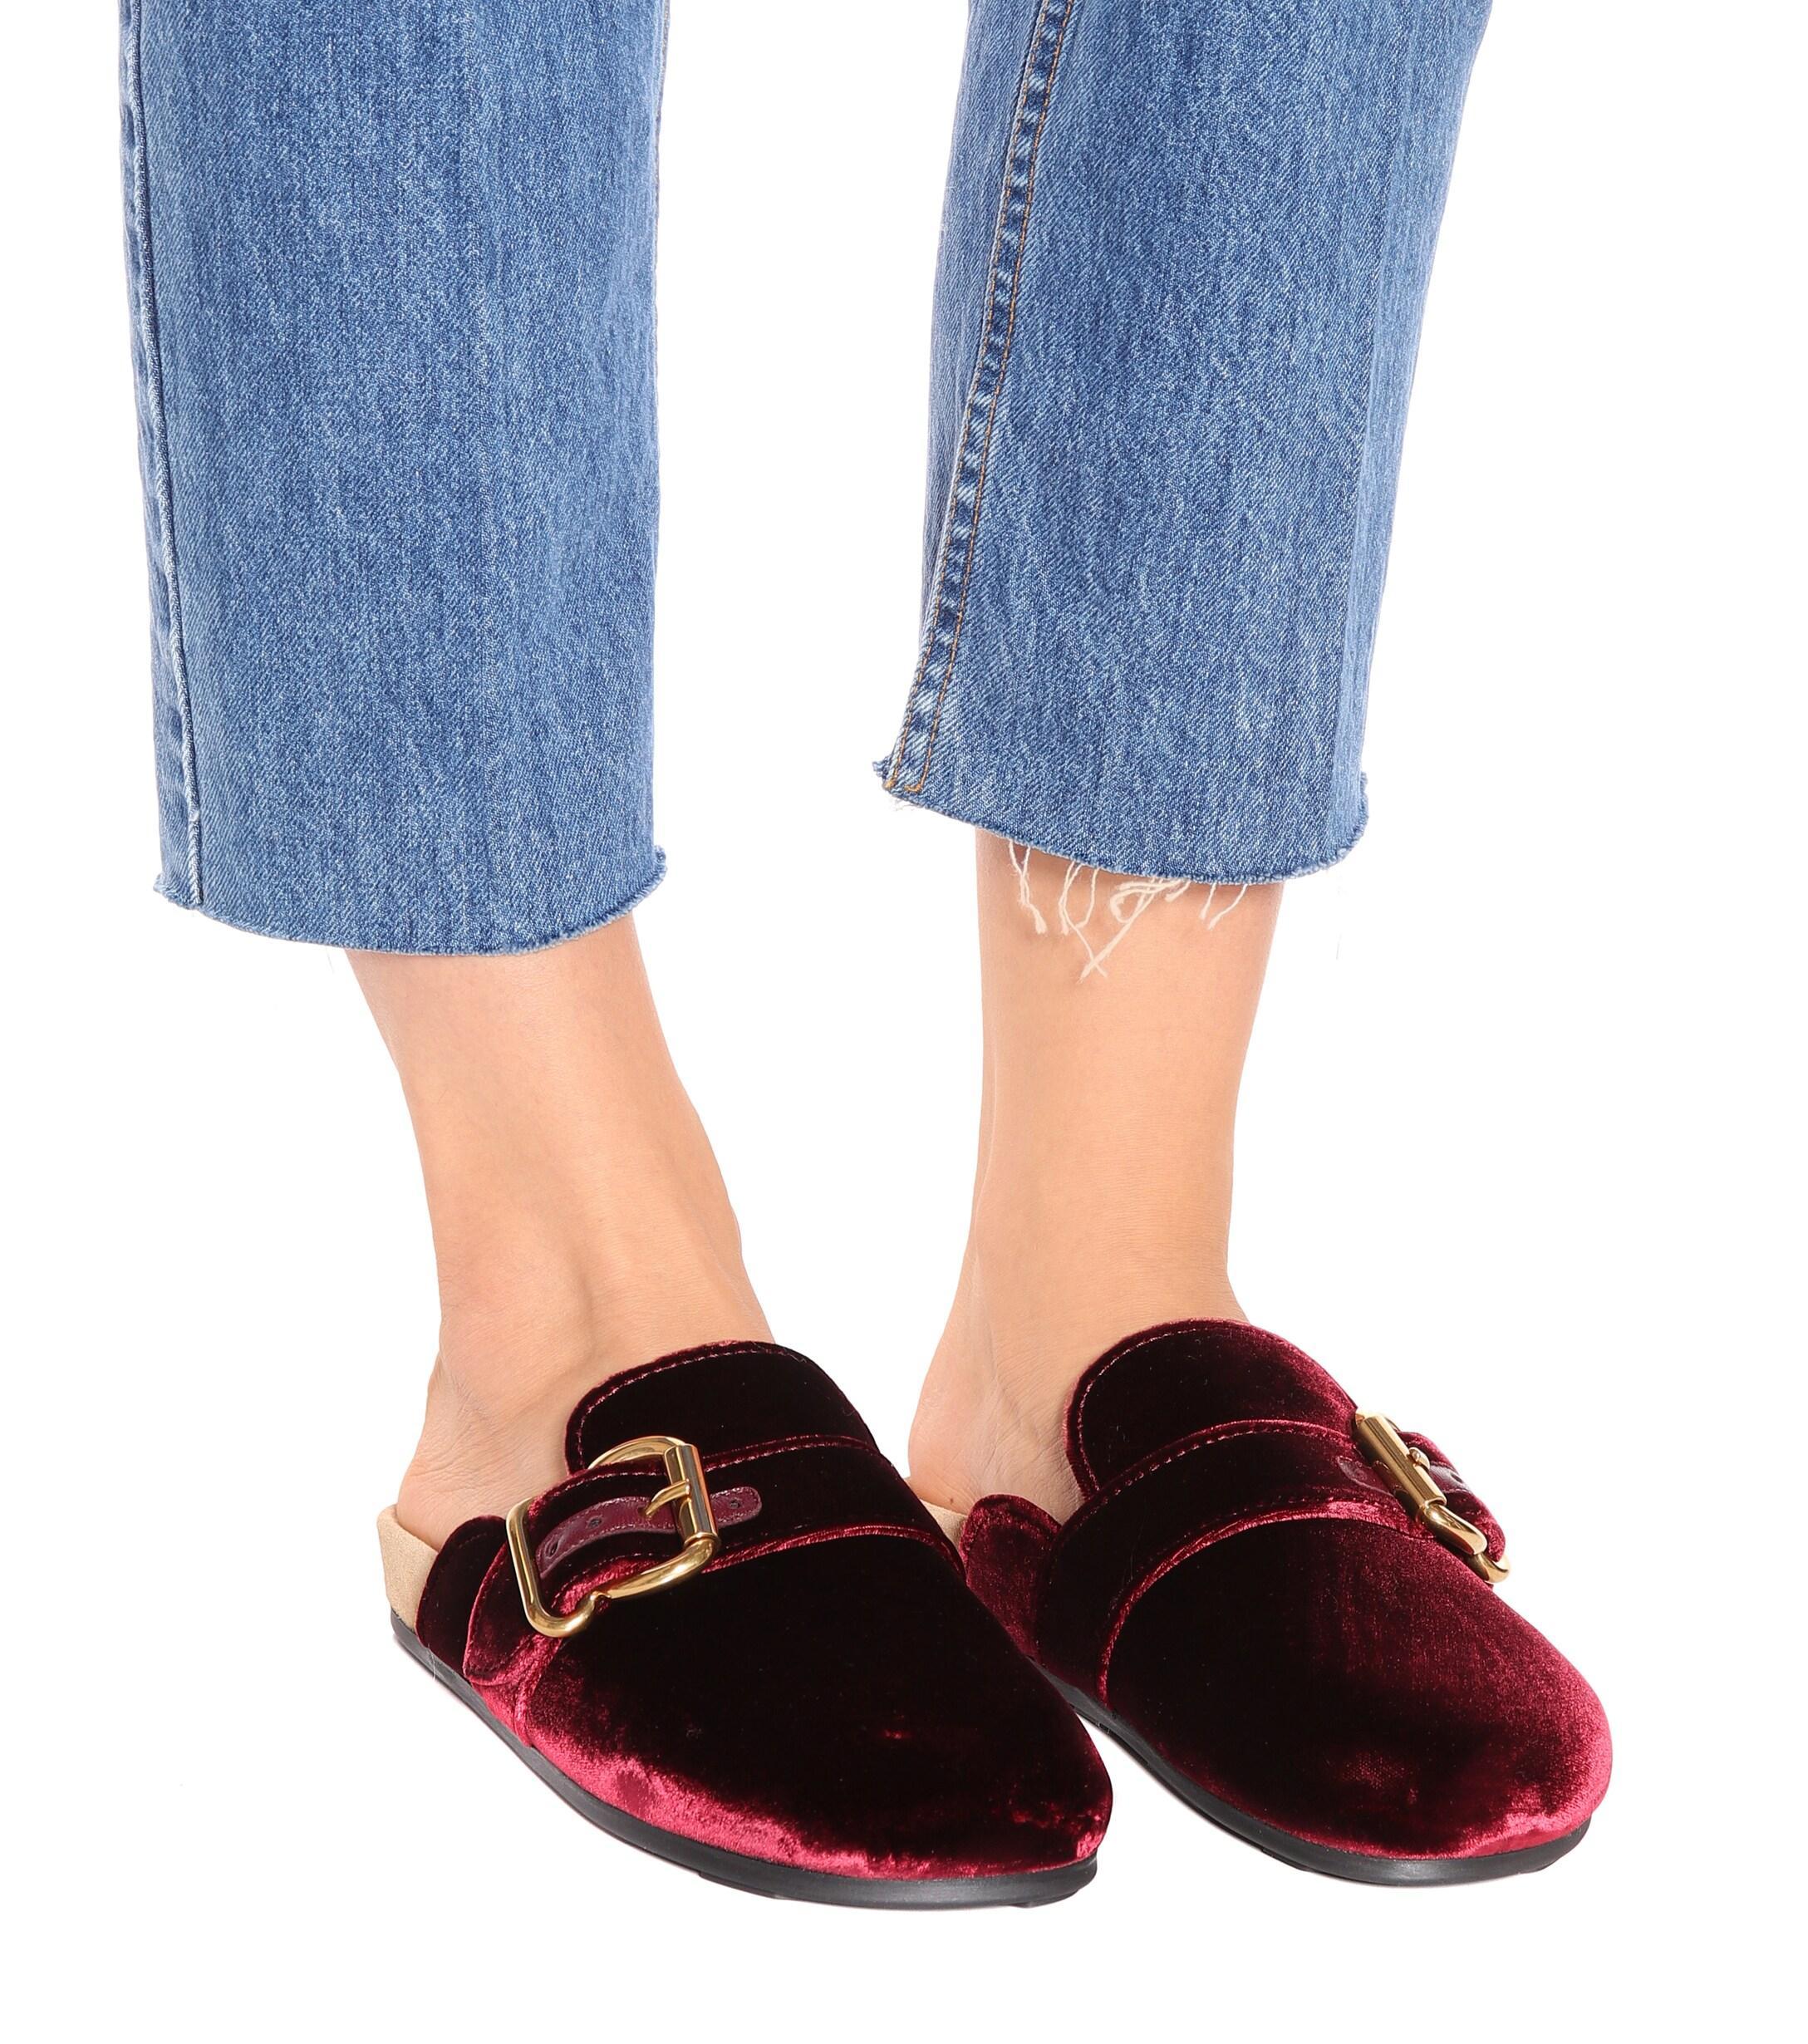 Slippers de terciopelo Prada de Terciopelo de color Rojo